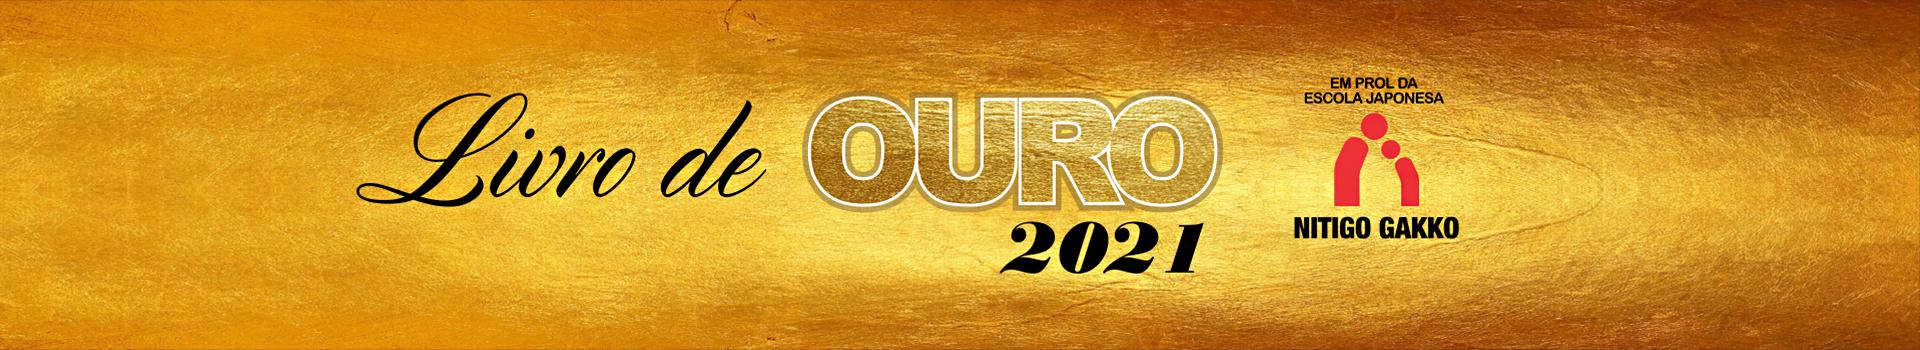 Livro de Ouro 2021